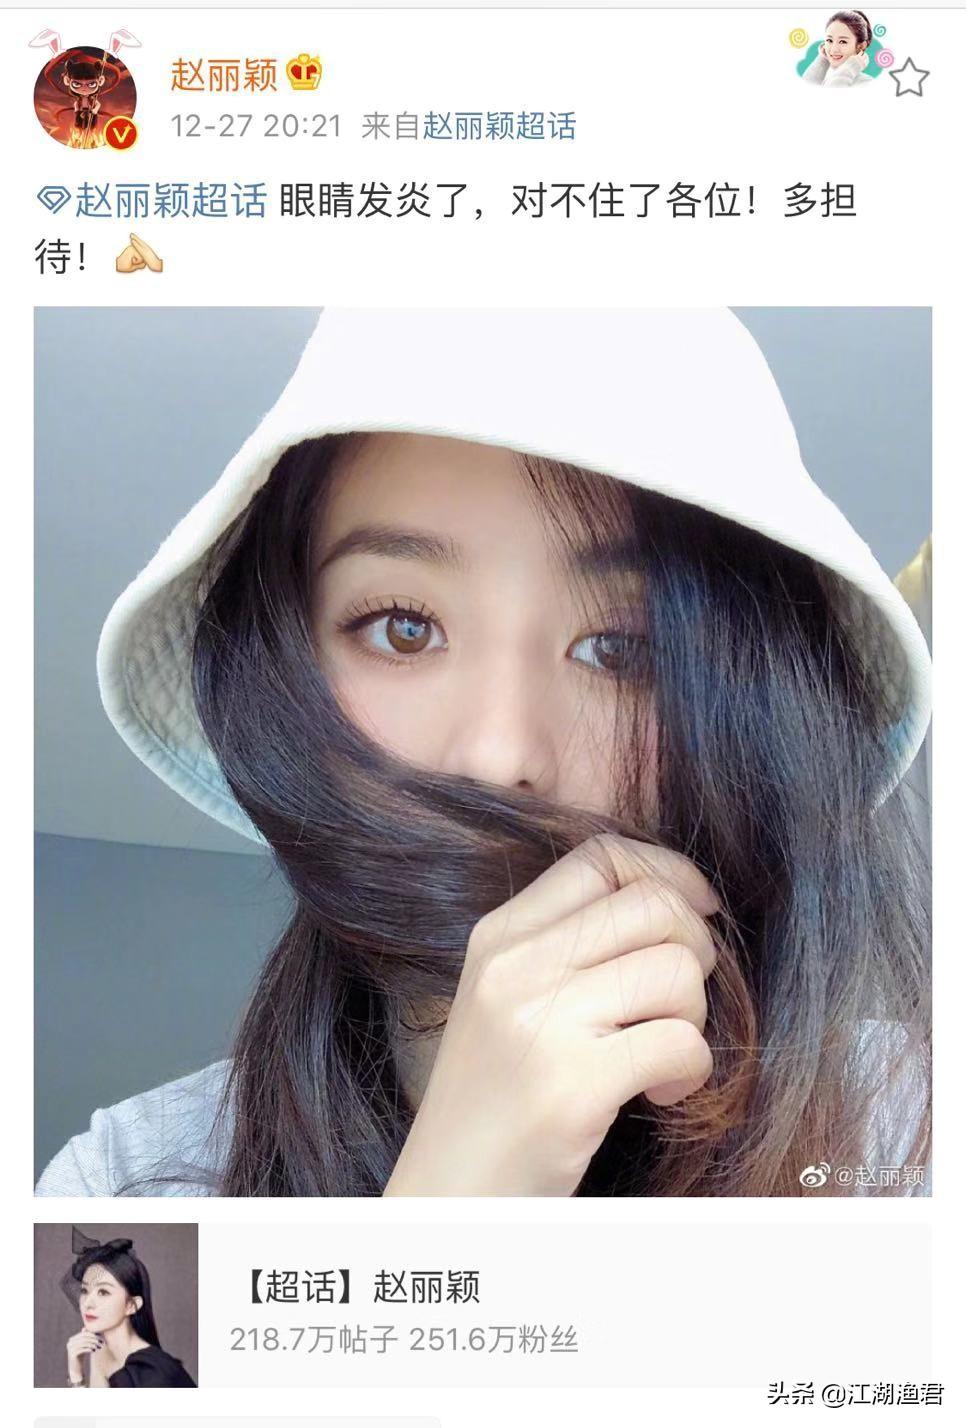 赵丽颖眼睛红肿发炎,微博罕见空降三超话留言:开启了宠粉模式